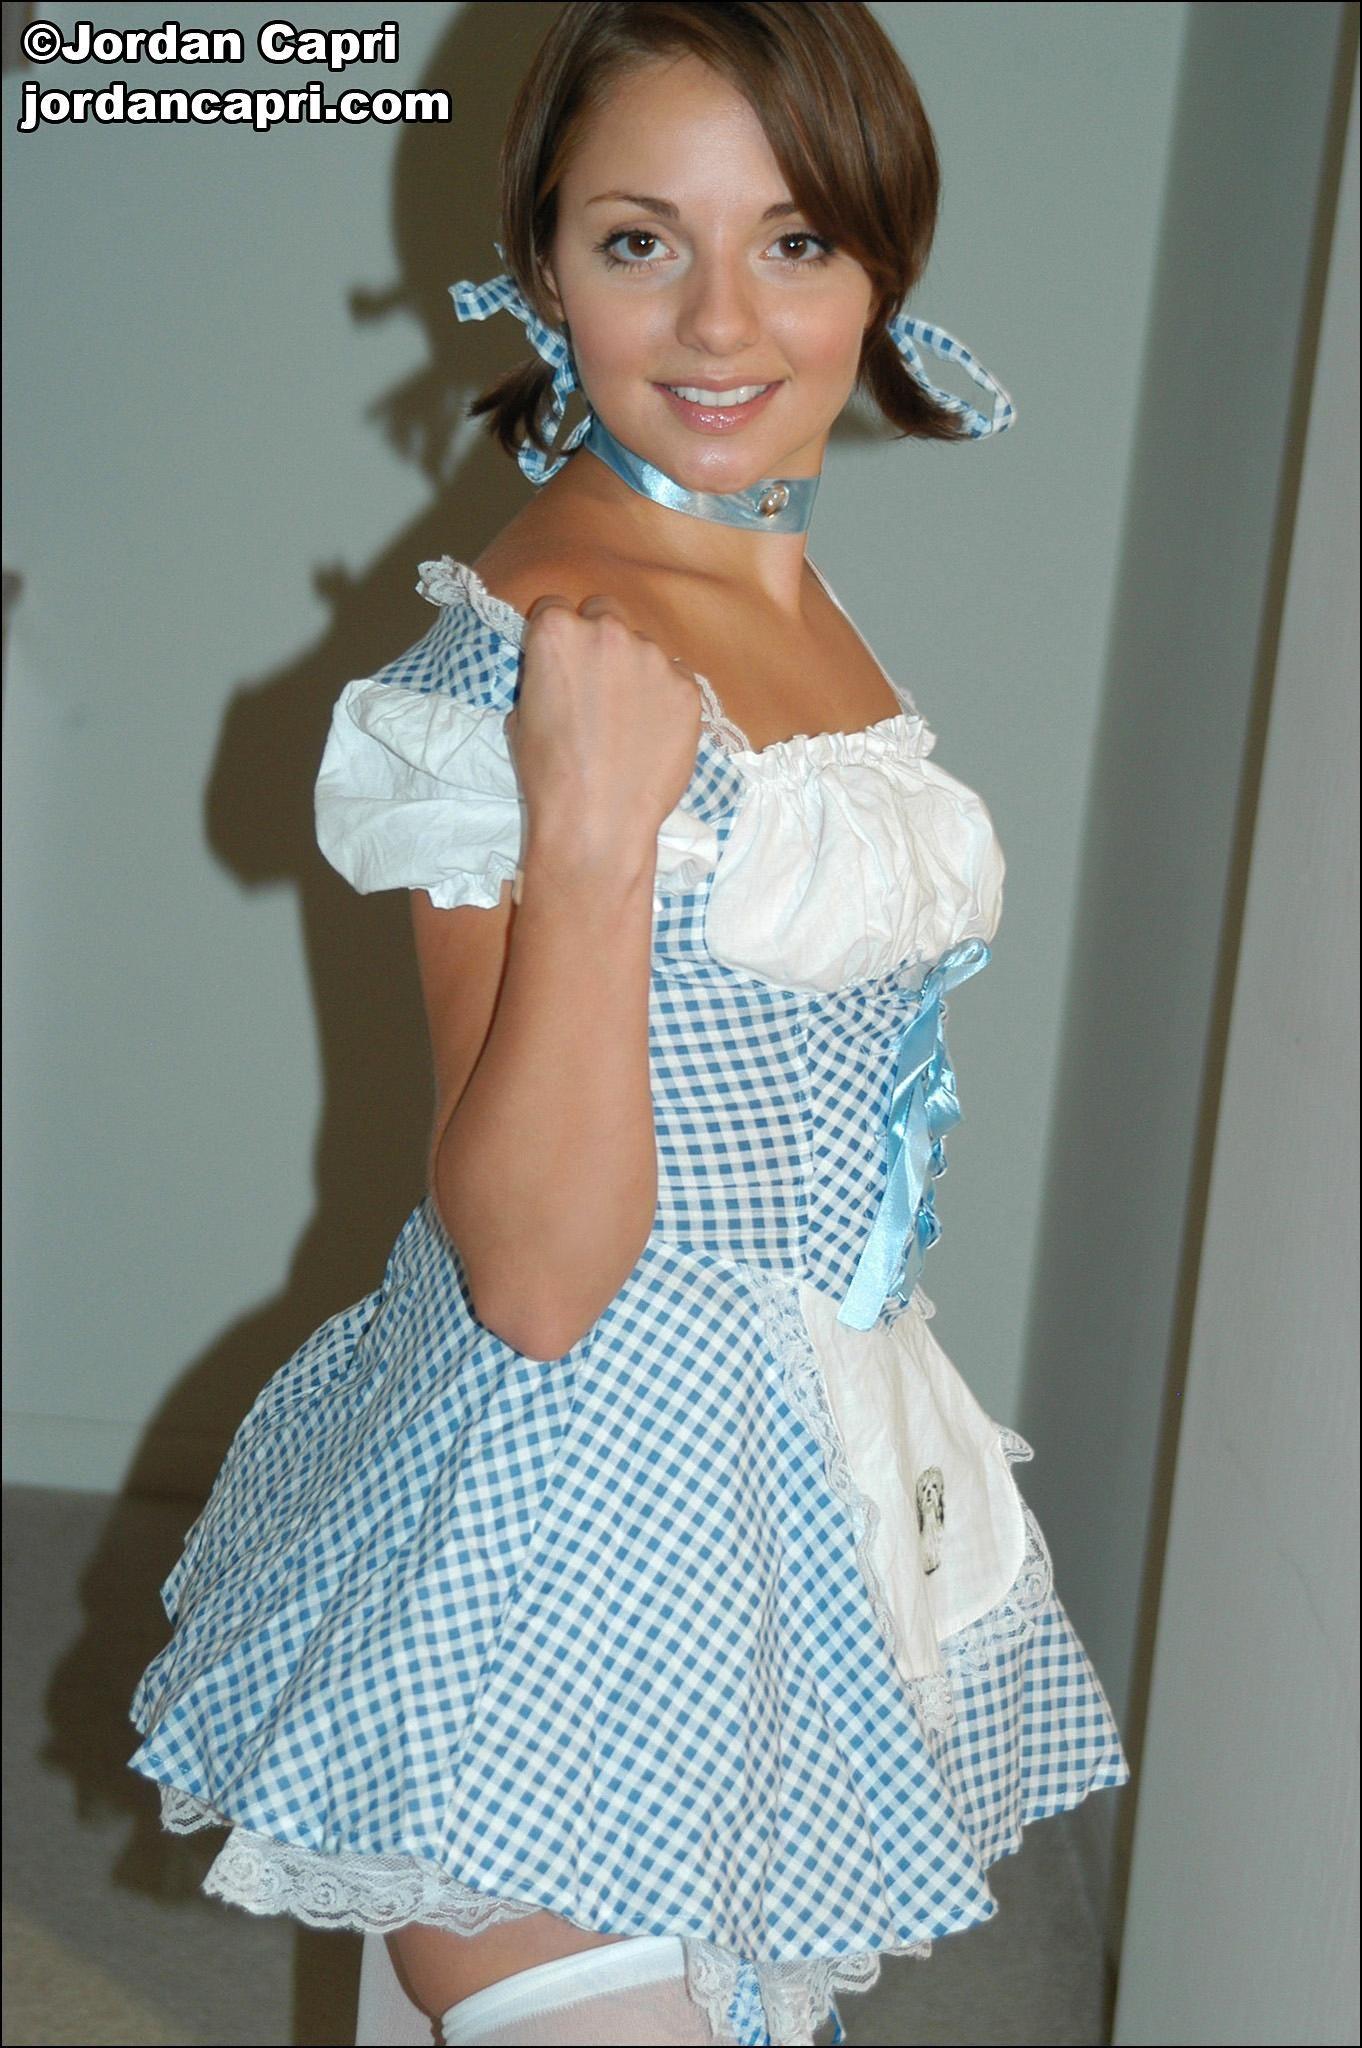 różne wzornictwo strona internetowa ze zniżką kup sprzedaż Jordan Capri ♥ Dorothy Cosplay | Fashion, Alice cosplay, Model